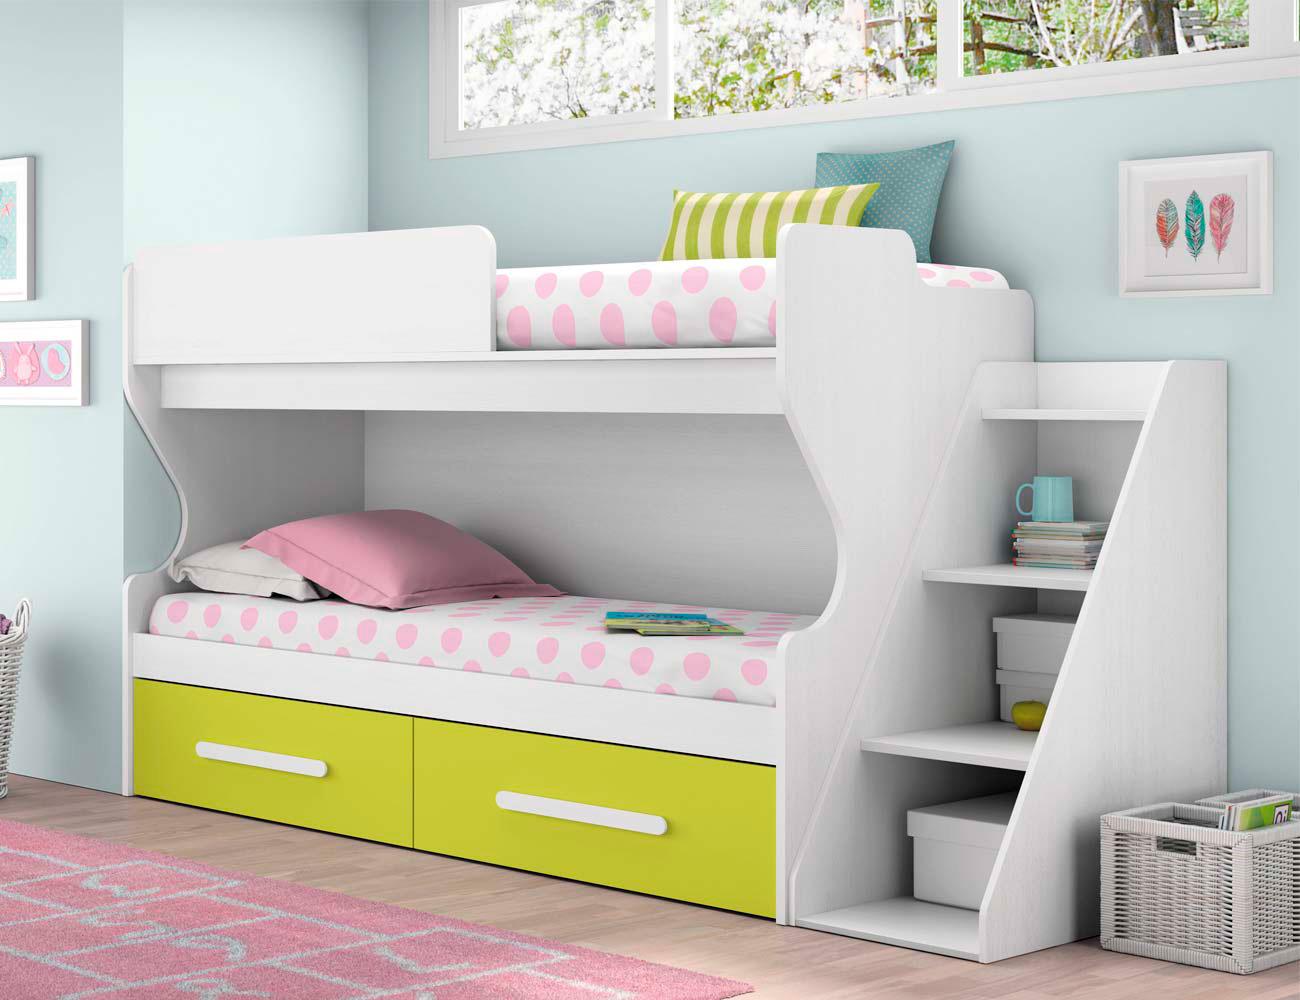 Composicion 311 dormitorio juvenil blanco kiwi2